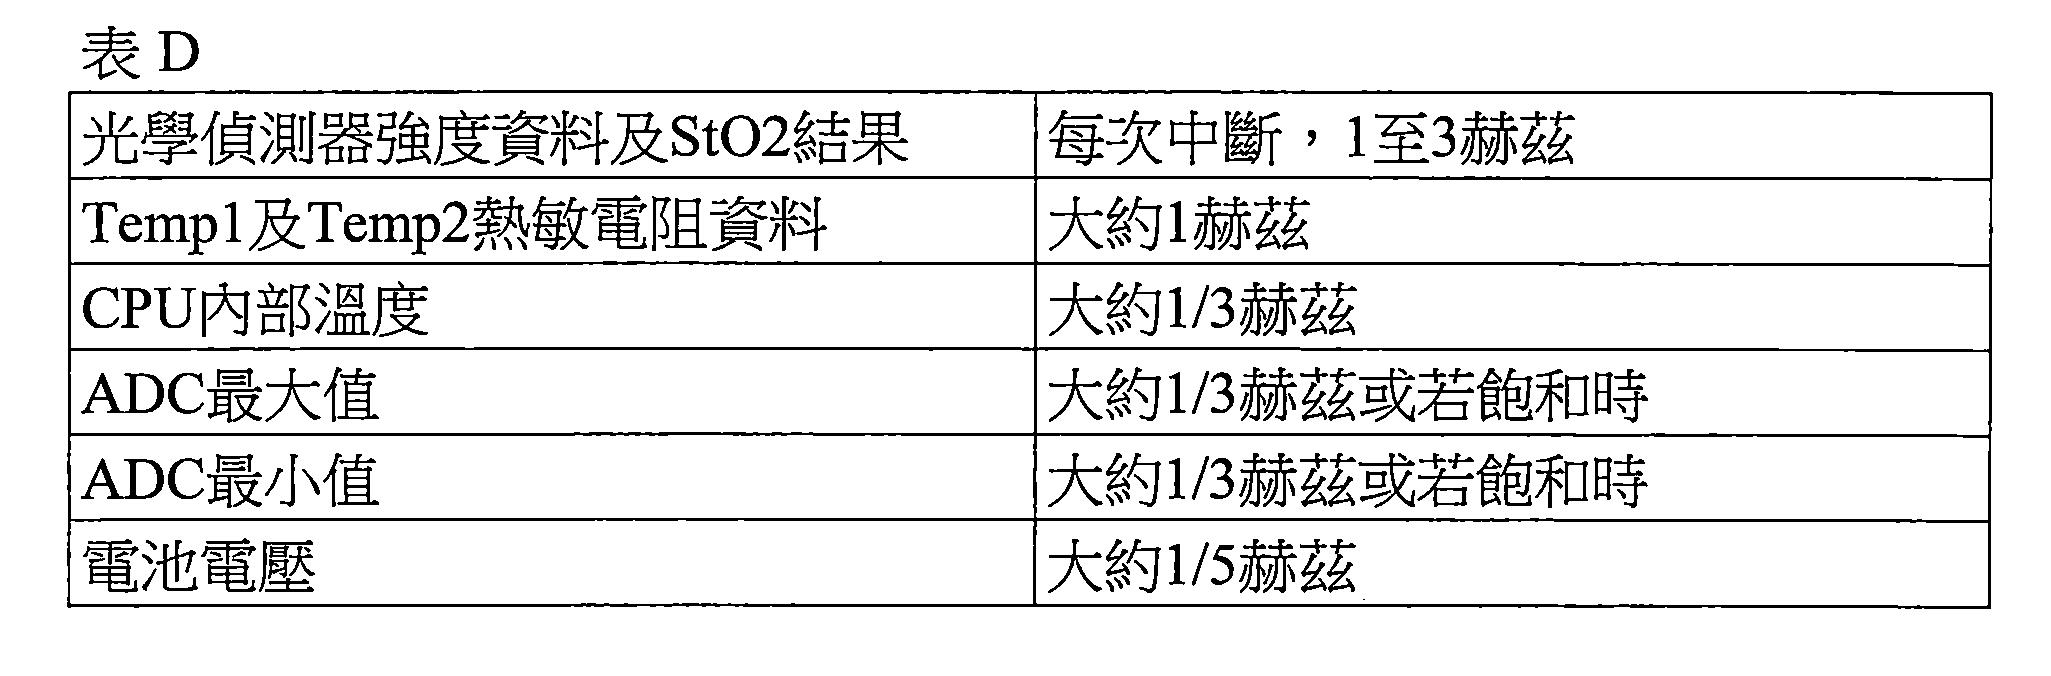 Figure TW201803523AD00005